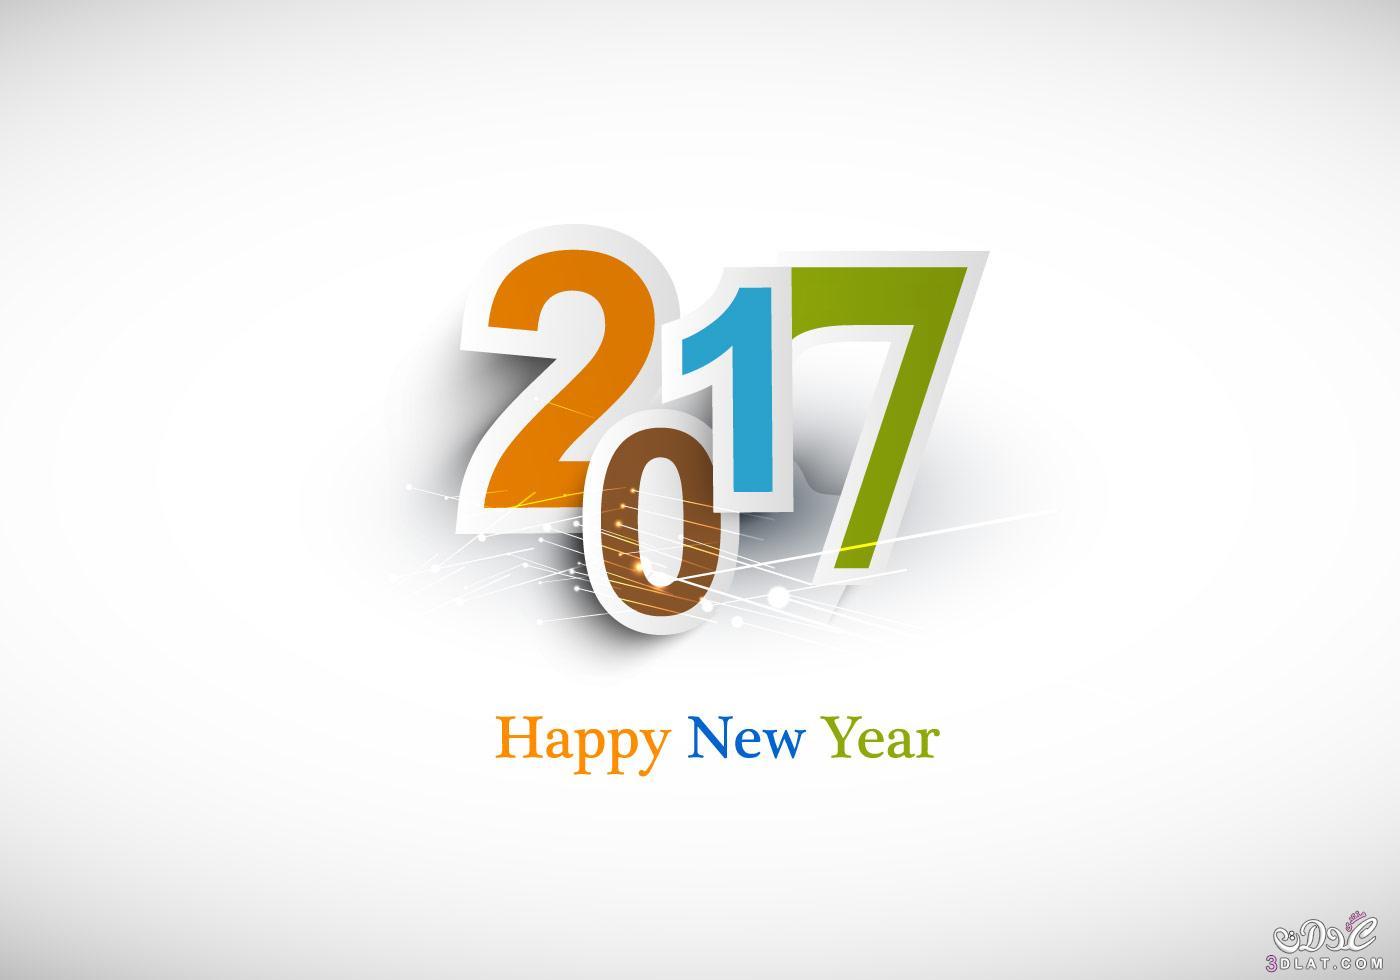 خلفيات جديدة لراس السنة الميلادية 2017 , اروع الخلفيات للعام الجديد , احدث الرمزيات للعام 2017 new_1479739243_631.j